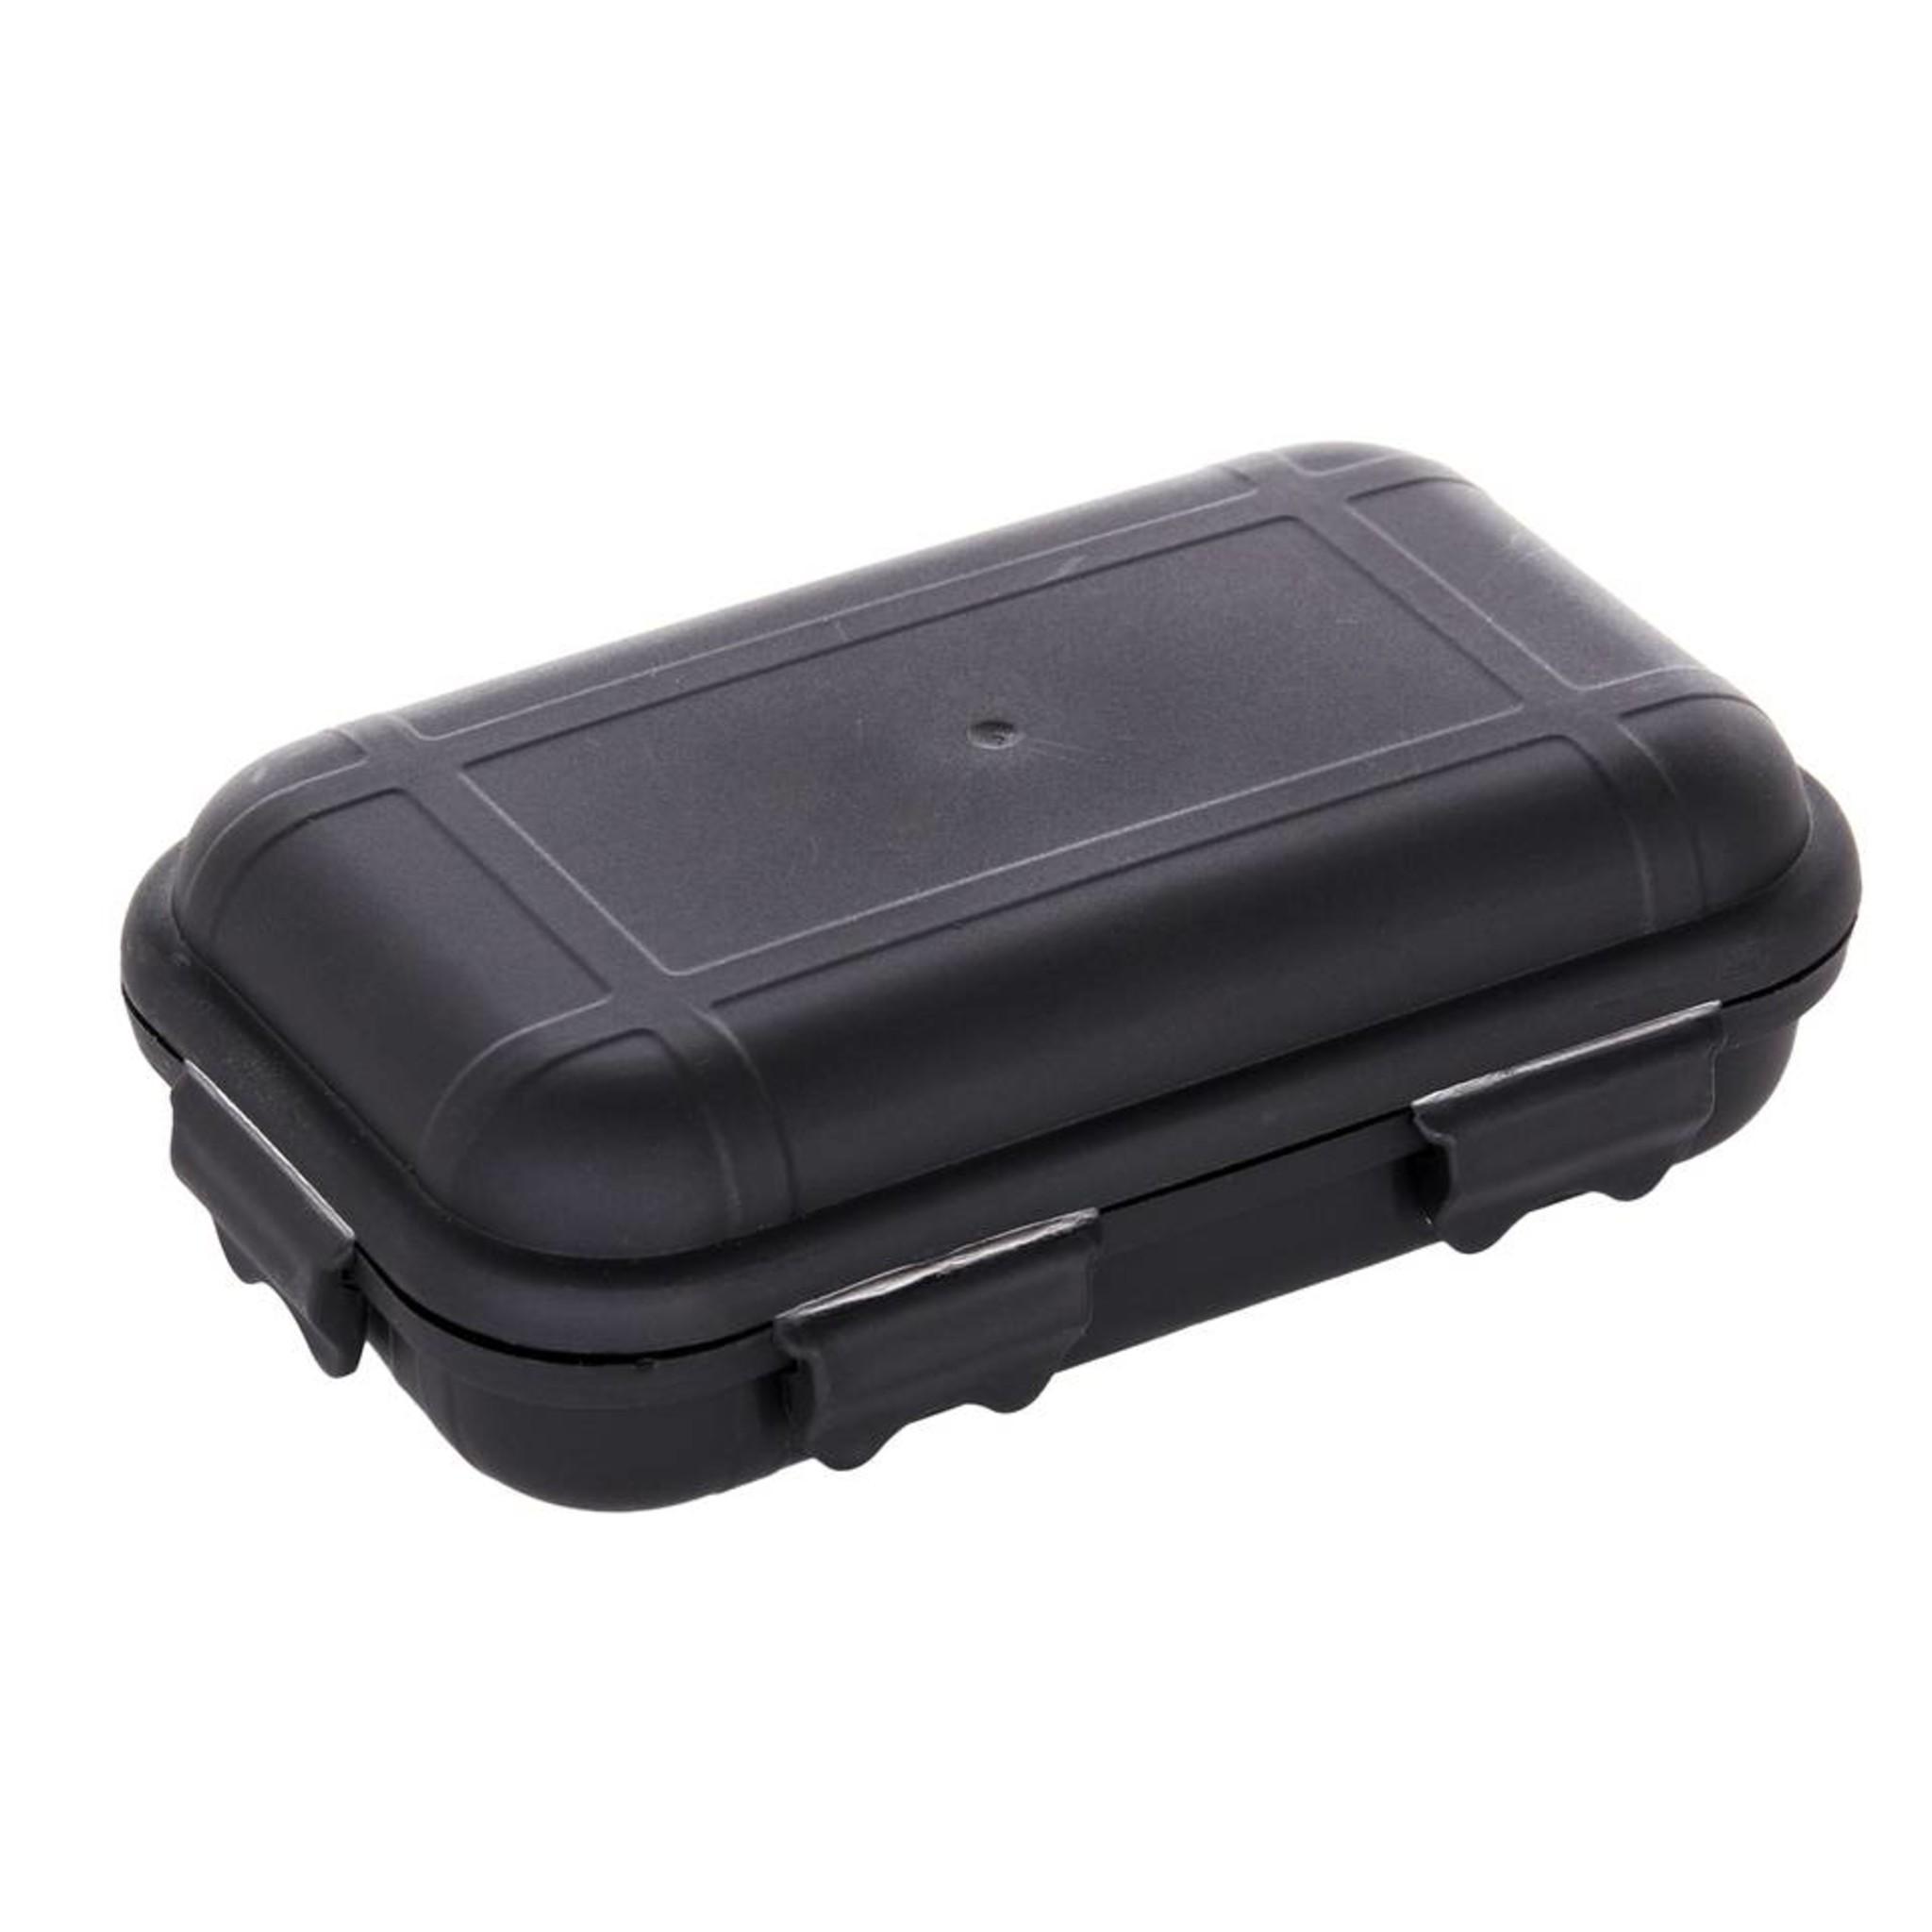 Survival Kit Waterproof Zwart, Overlevingsset